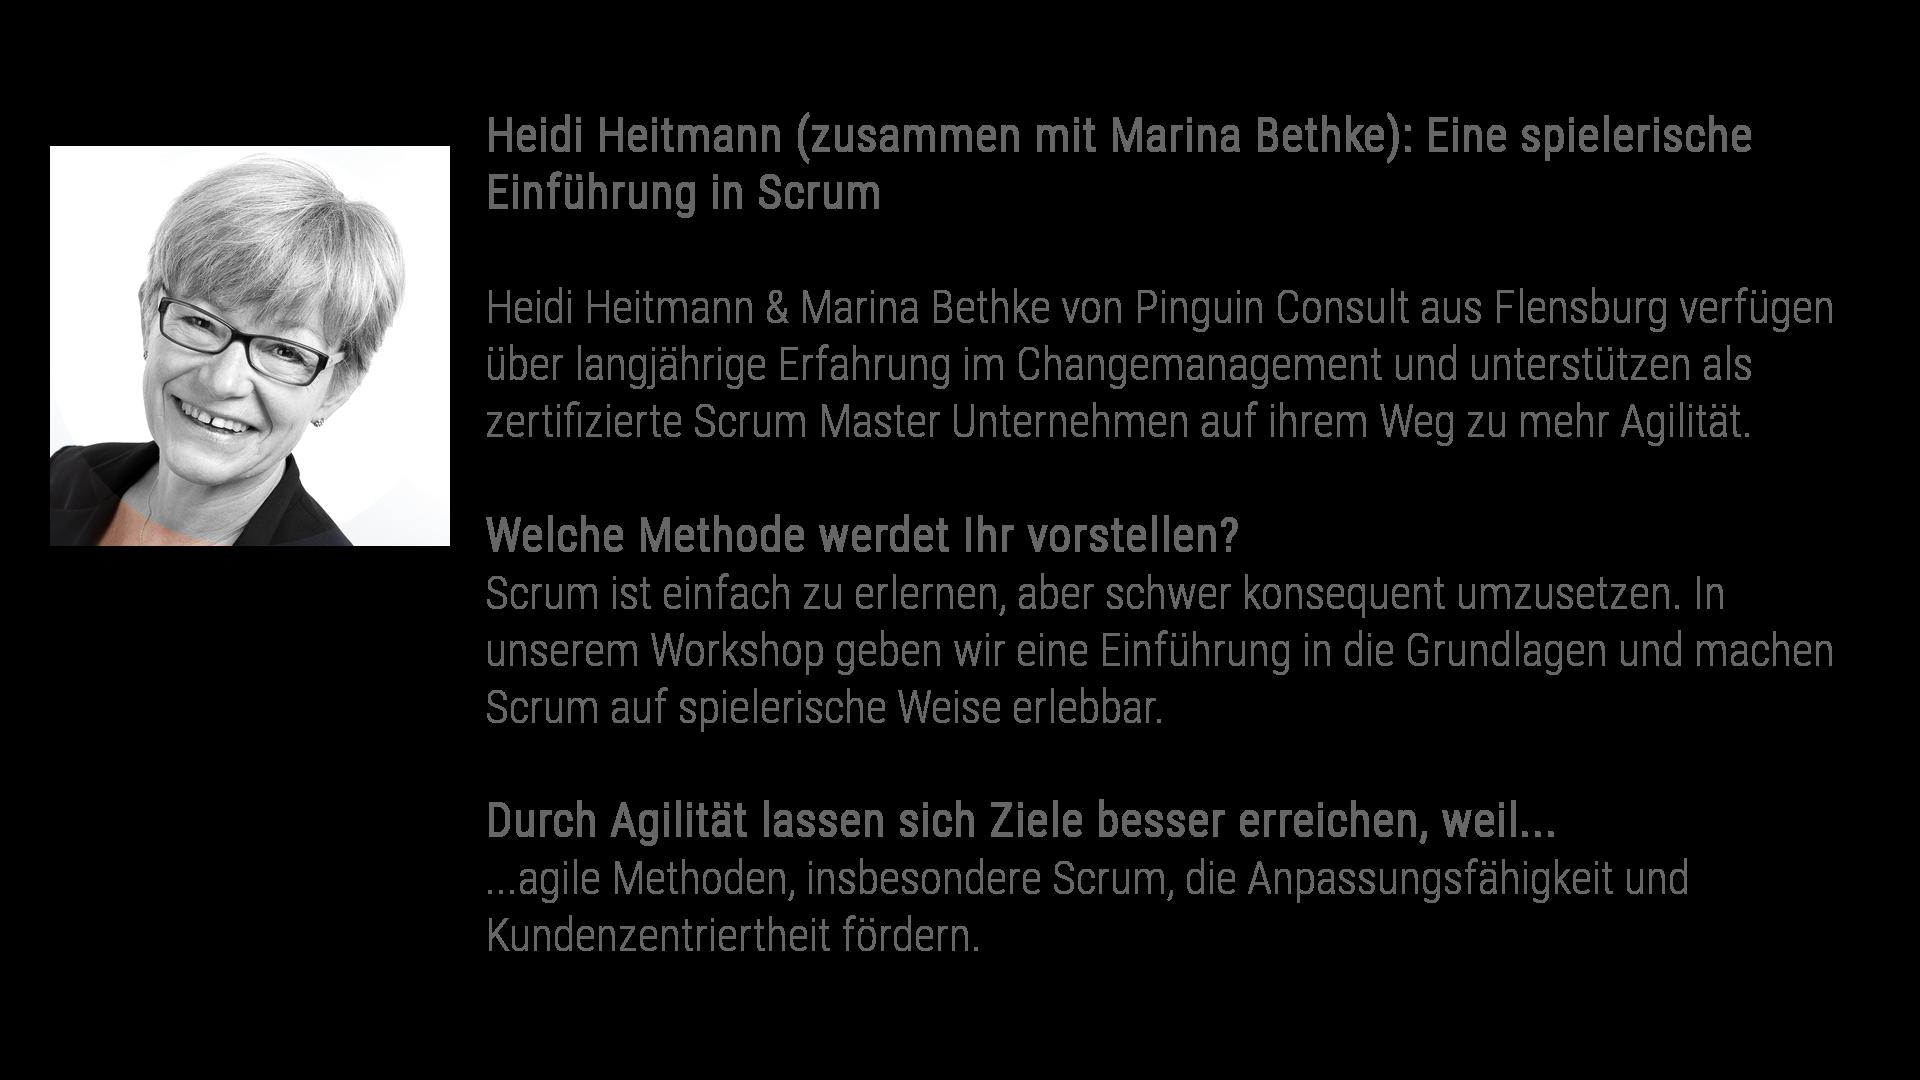 Heidi Heitmann (zusammen mit Marina Bethke): Eine spielerische Einführung in Scrum Heidi Heitmann & Marina Bethke von Pinguin Consult aus Flensburg verfügen über langjährige Erfahrung im Changemanagement und unterstützen als zertifizierte Scrum Master Unternehmen auf ihrem Weg zu mehr Agilität. Welche Methode werdet Ihr vorstellen? Scrum ist einfach zu erlernen, aber schwer konsequent umzusetzen. In unserem Workshop geben wir eine Einführung in die Grundlagen und machen Scrum auf spielerische Weise erlebbar. Durch Agilität lassen sich Ziele besser erreichen, weil... ...agile Methoden, insbesondere Scrum, die Anpassungsfähigkeit und Kundenzentriertheit fördern.